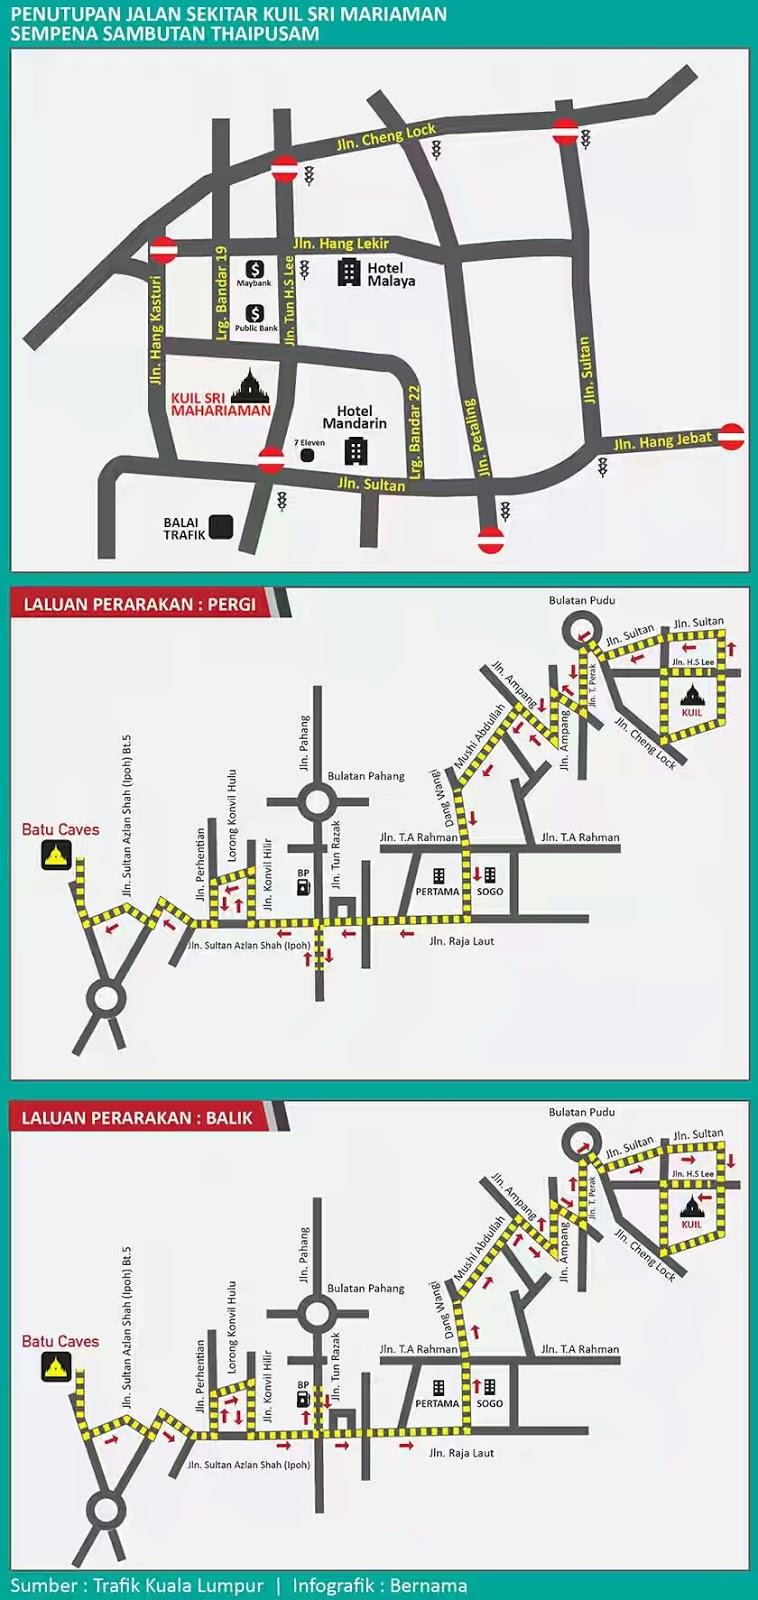 Jalan-tutup-di-kl-sempena-thaipusam